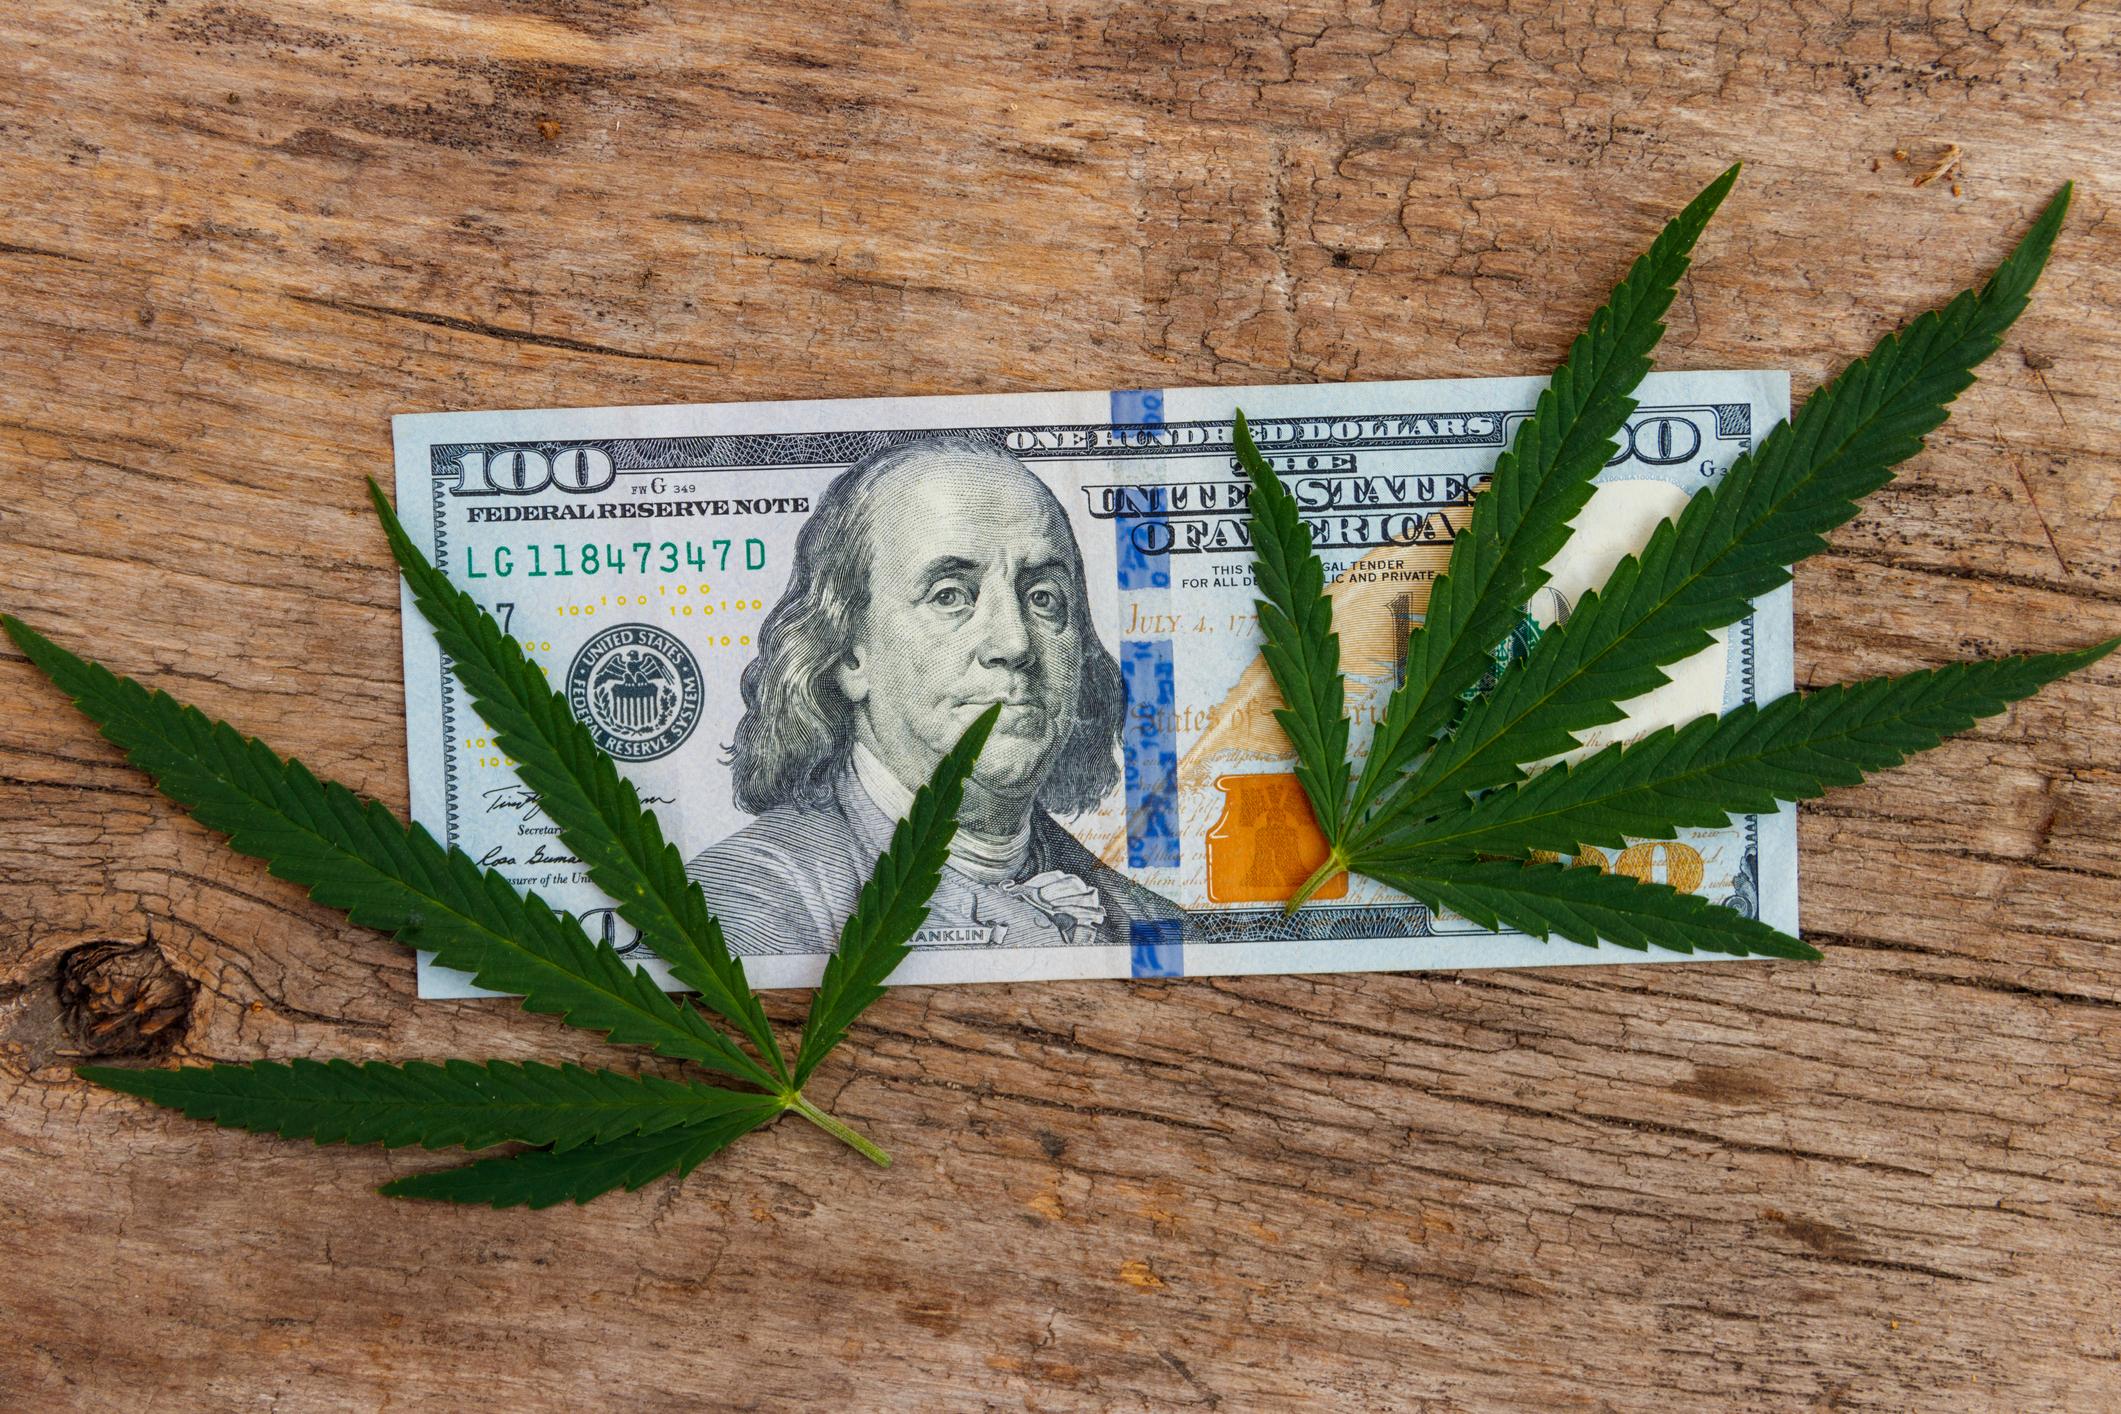 Marijuana leaves resting on a $100 bill.